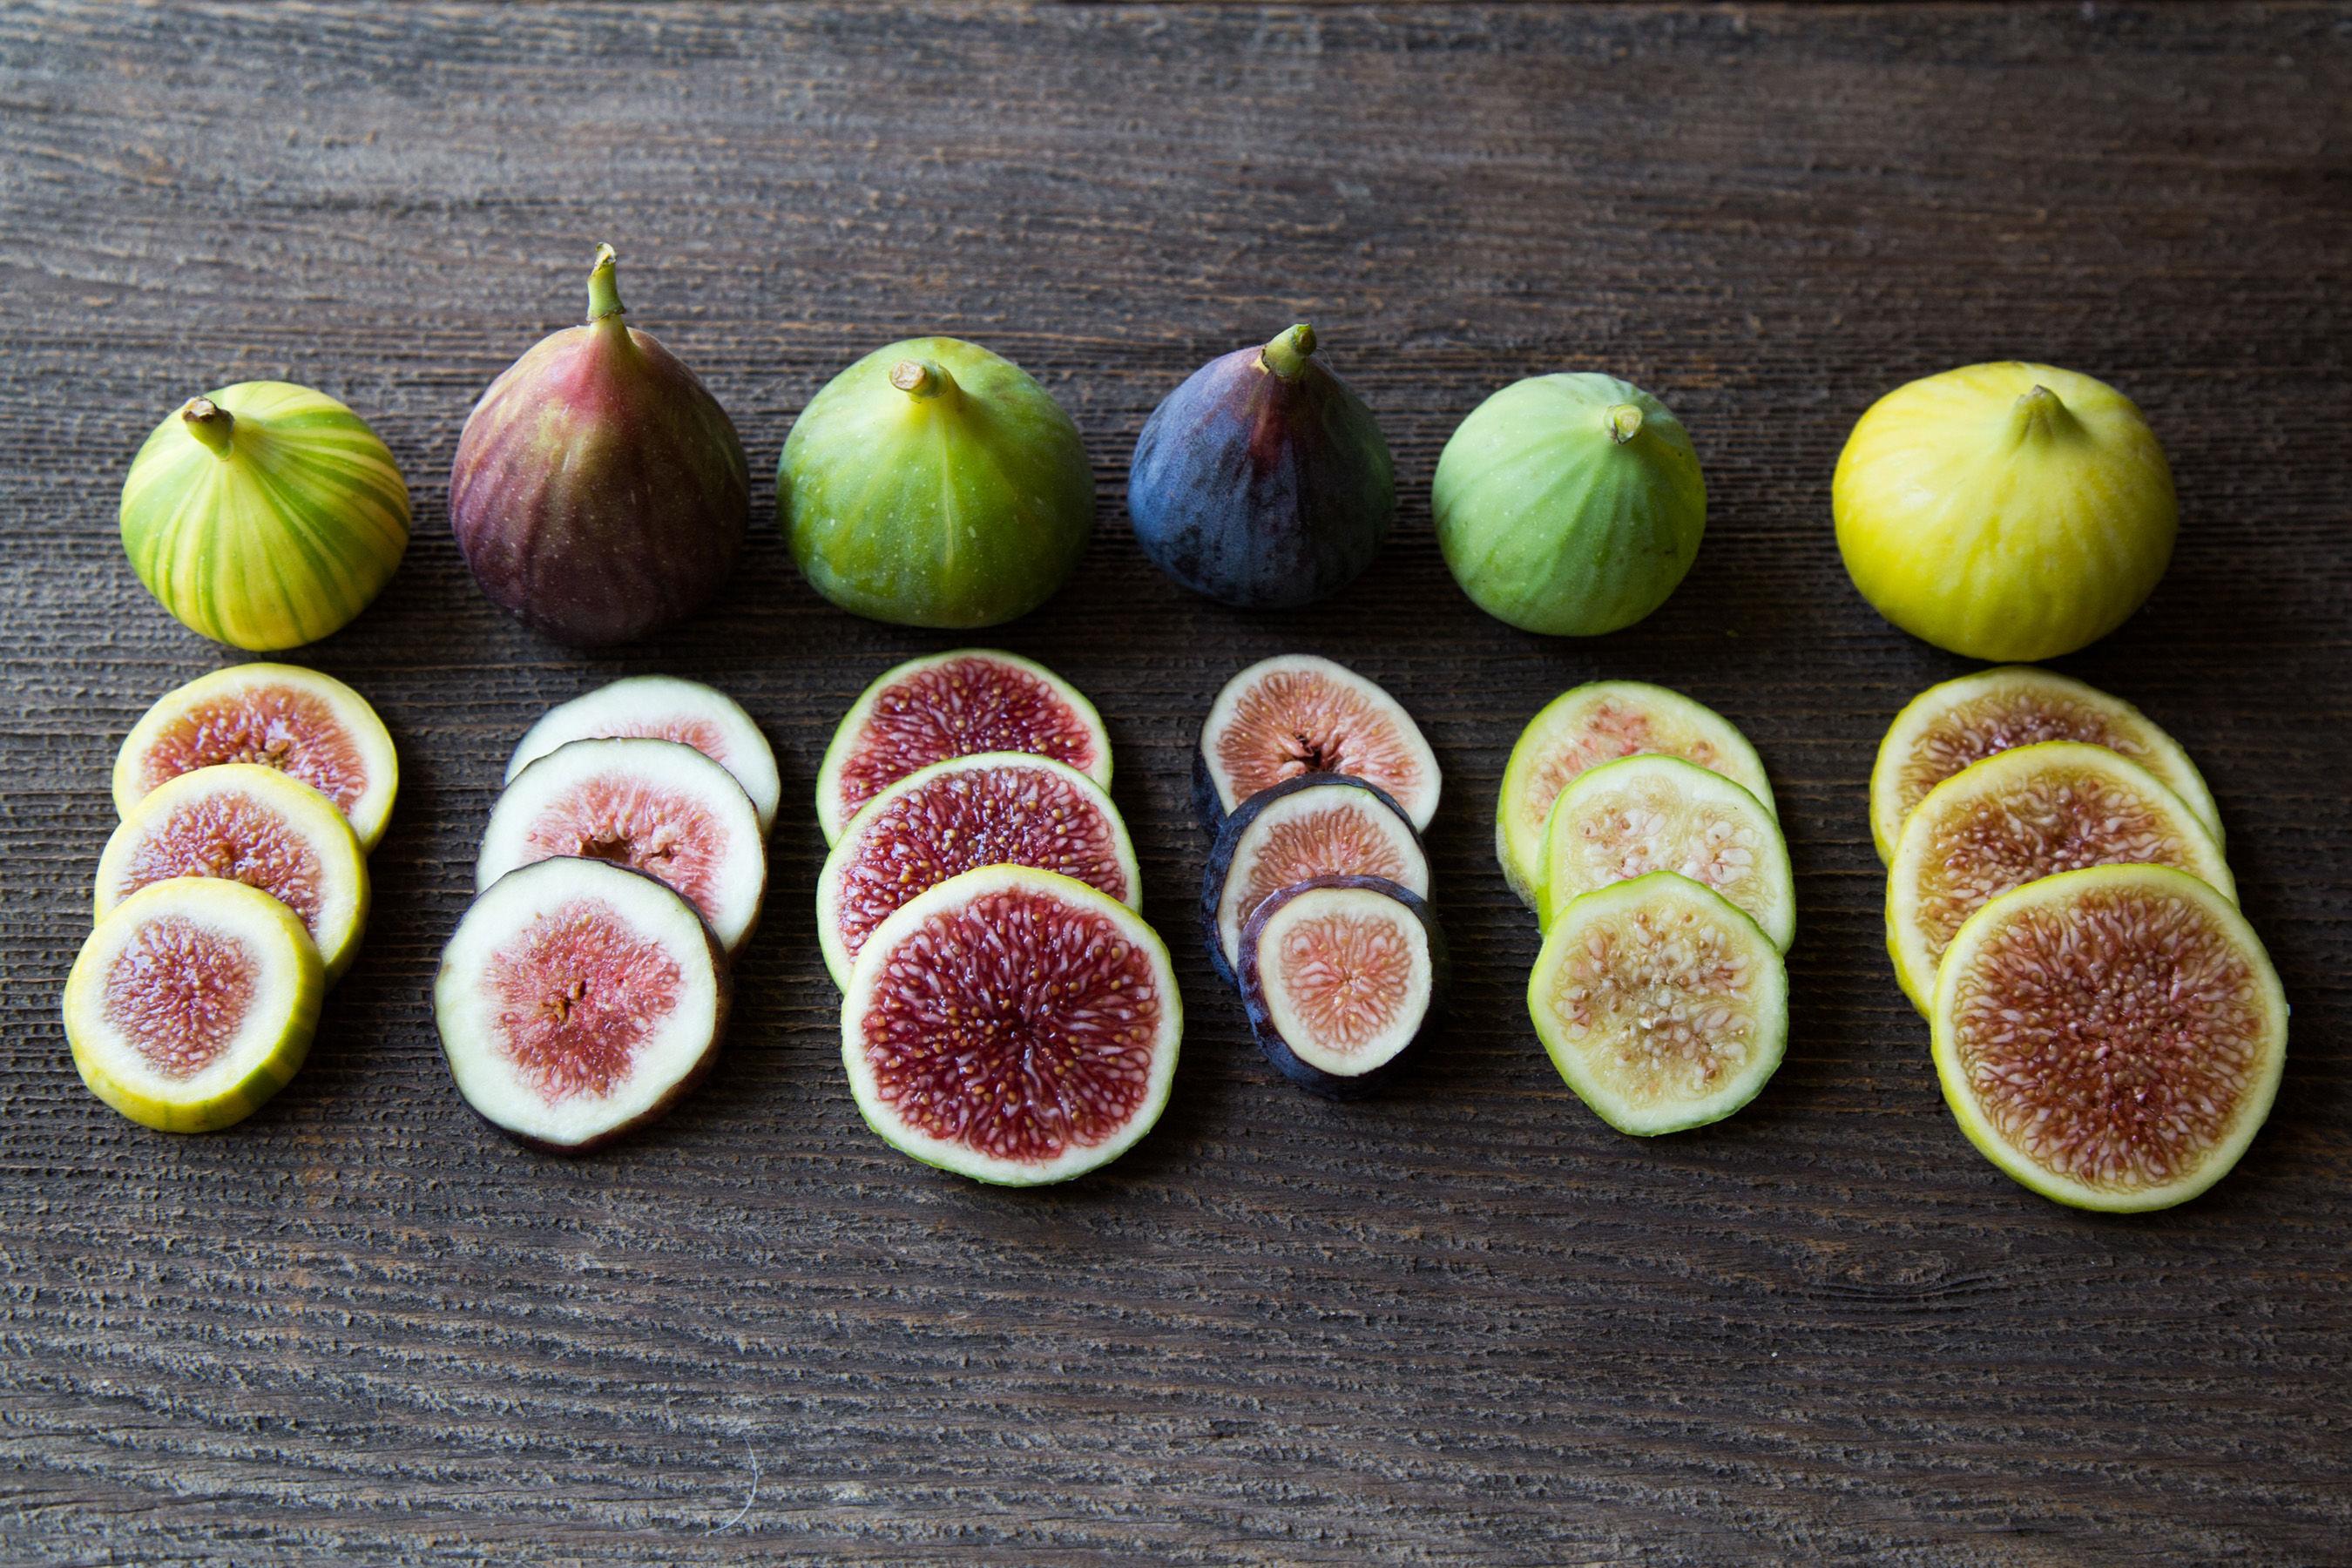 میوه انجیر چه خواصی دارد؟